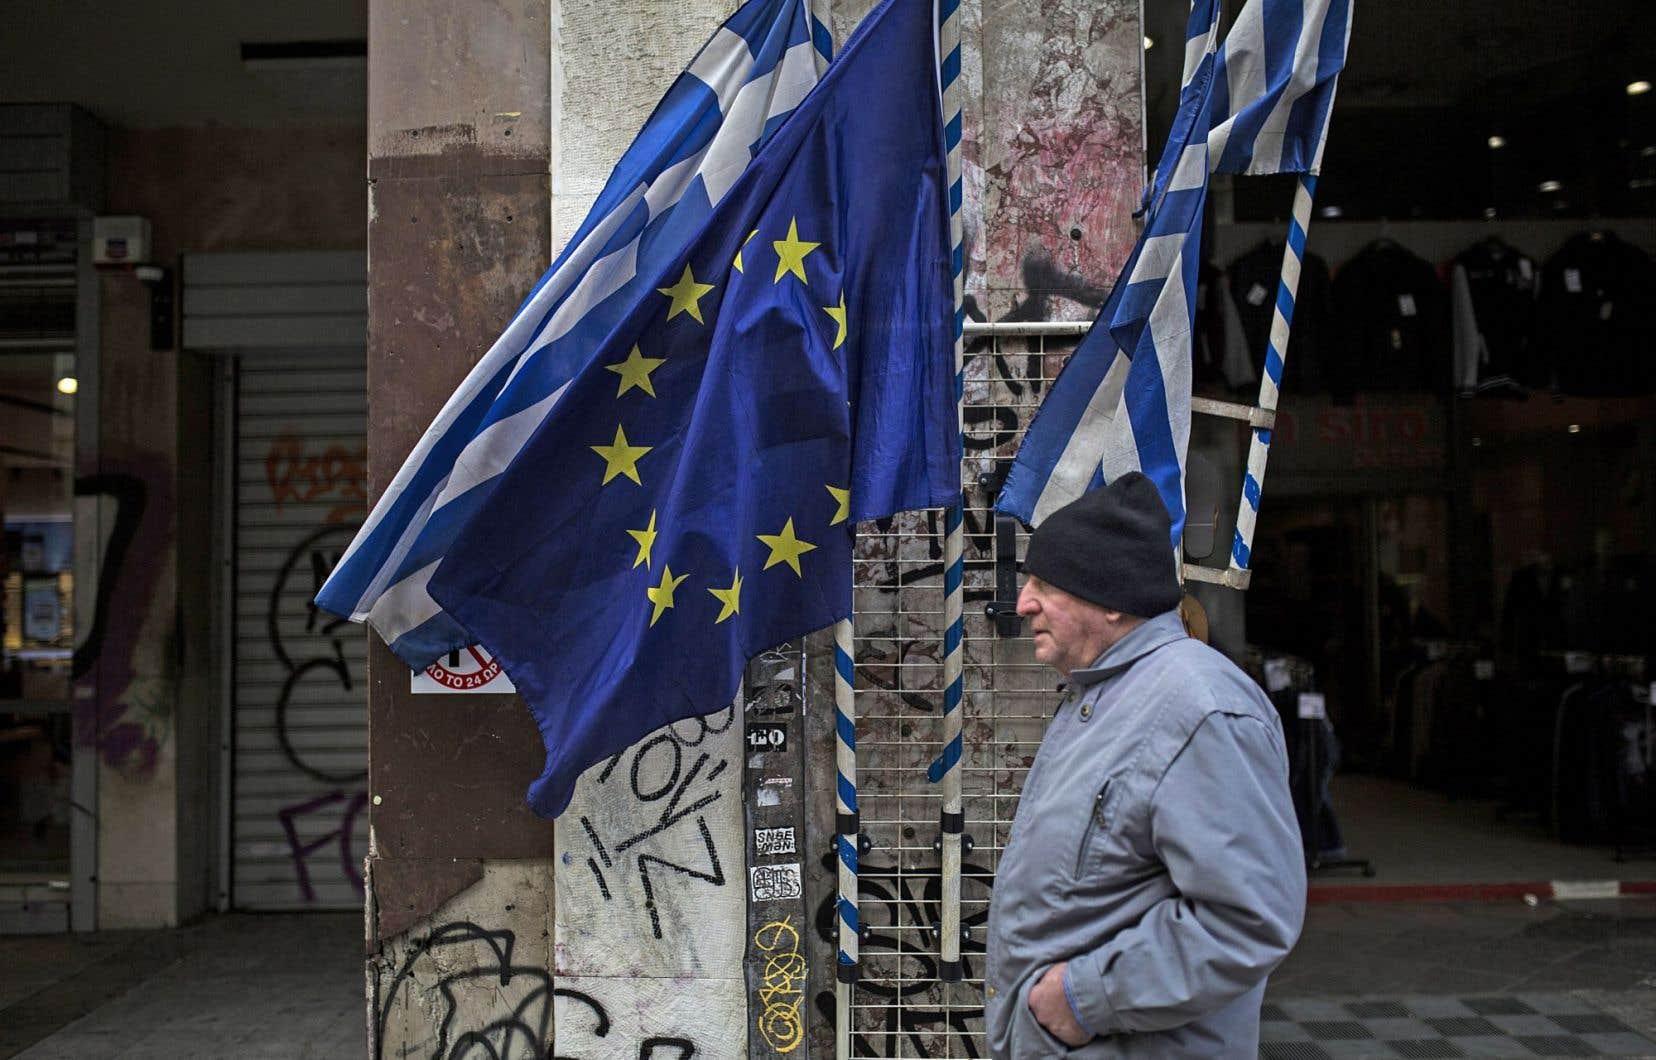 La place de la Grèce dans la zone euro suscite toujours des questions.